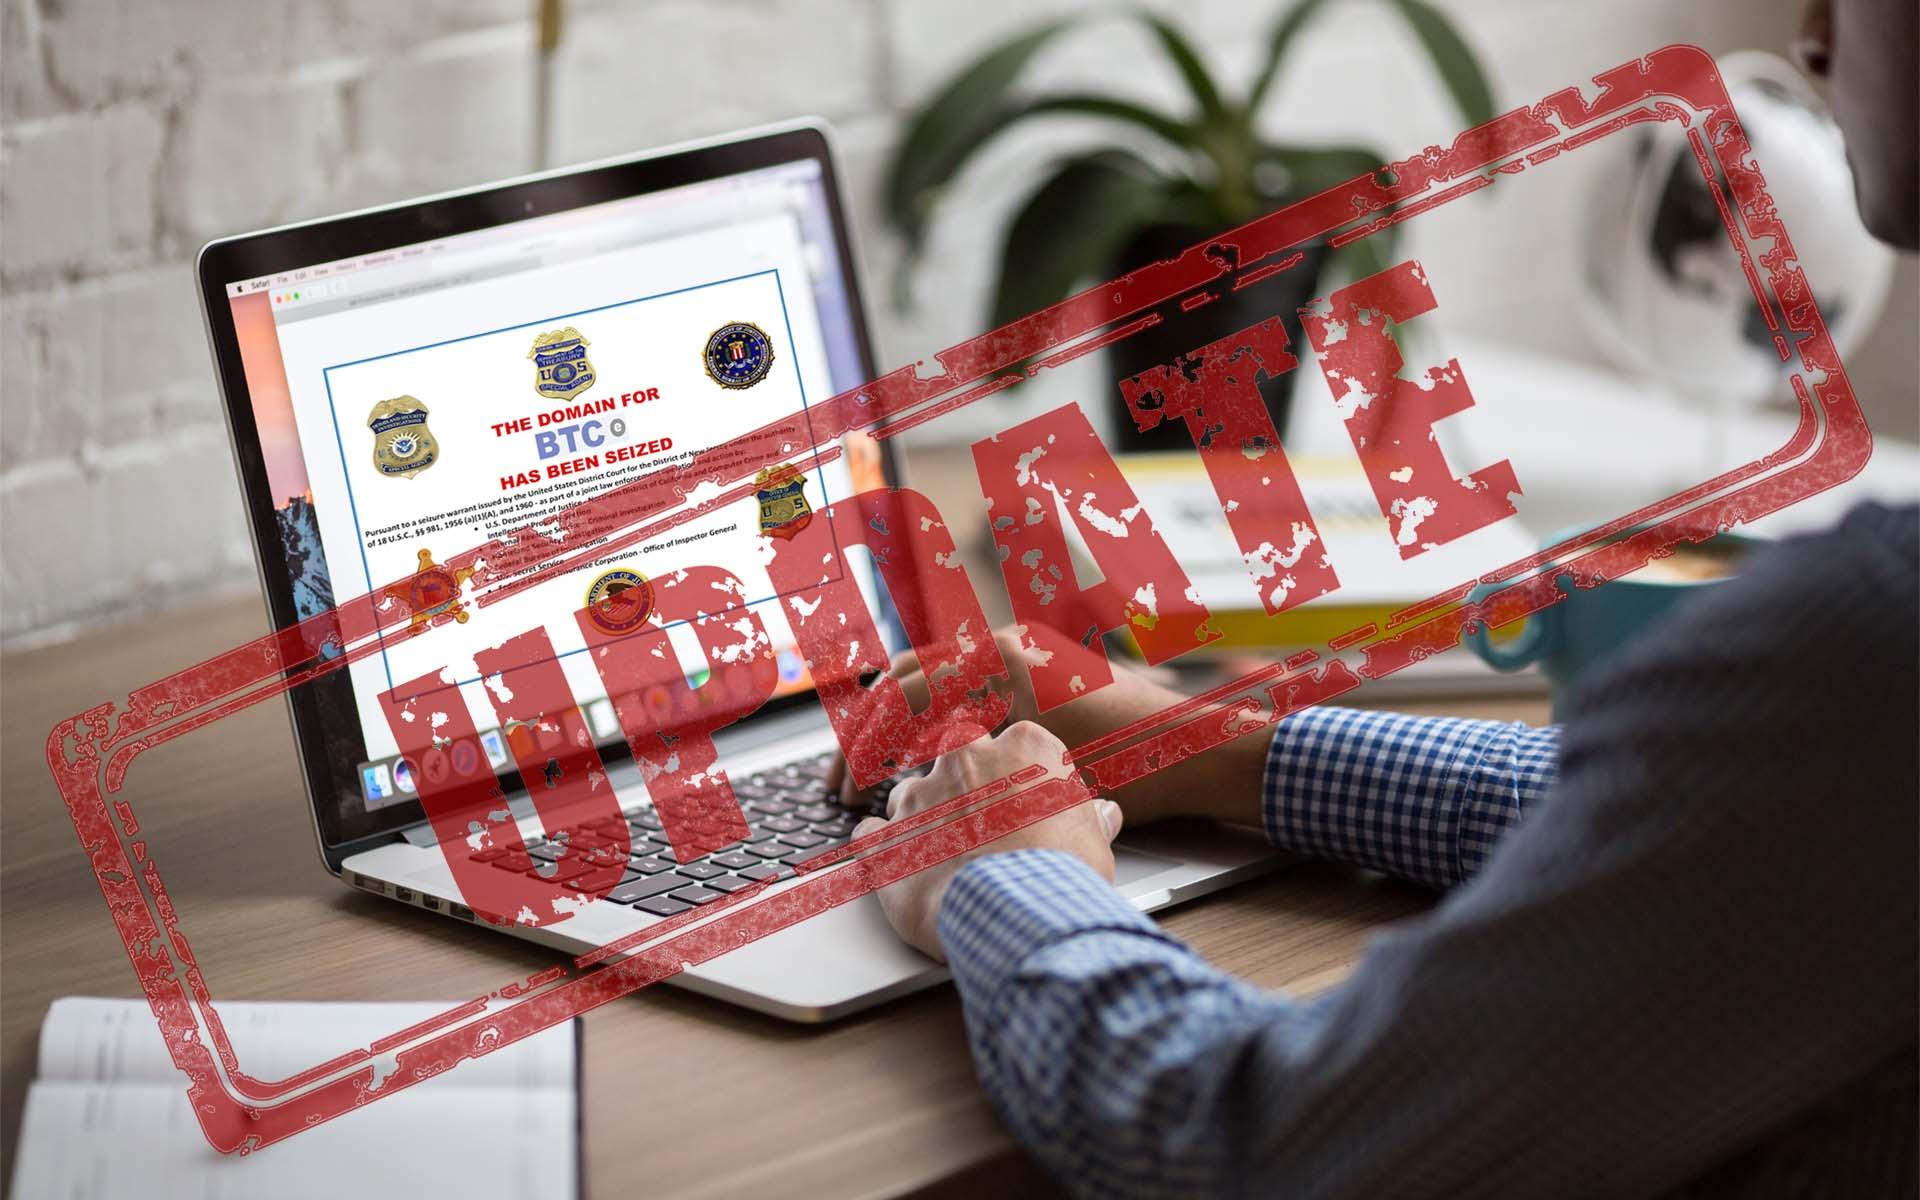 صرافی BTC-e وجوه به سرقت رفته کاربران را با توکن های BTCT پرداخت می کند